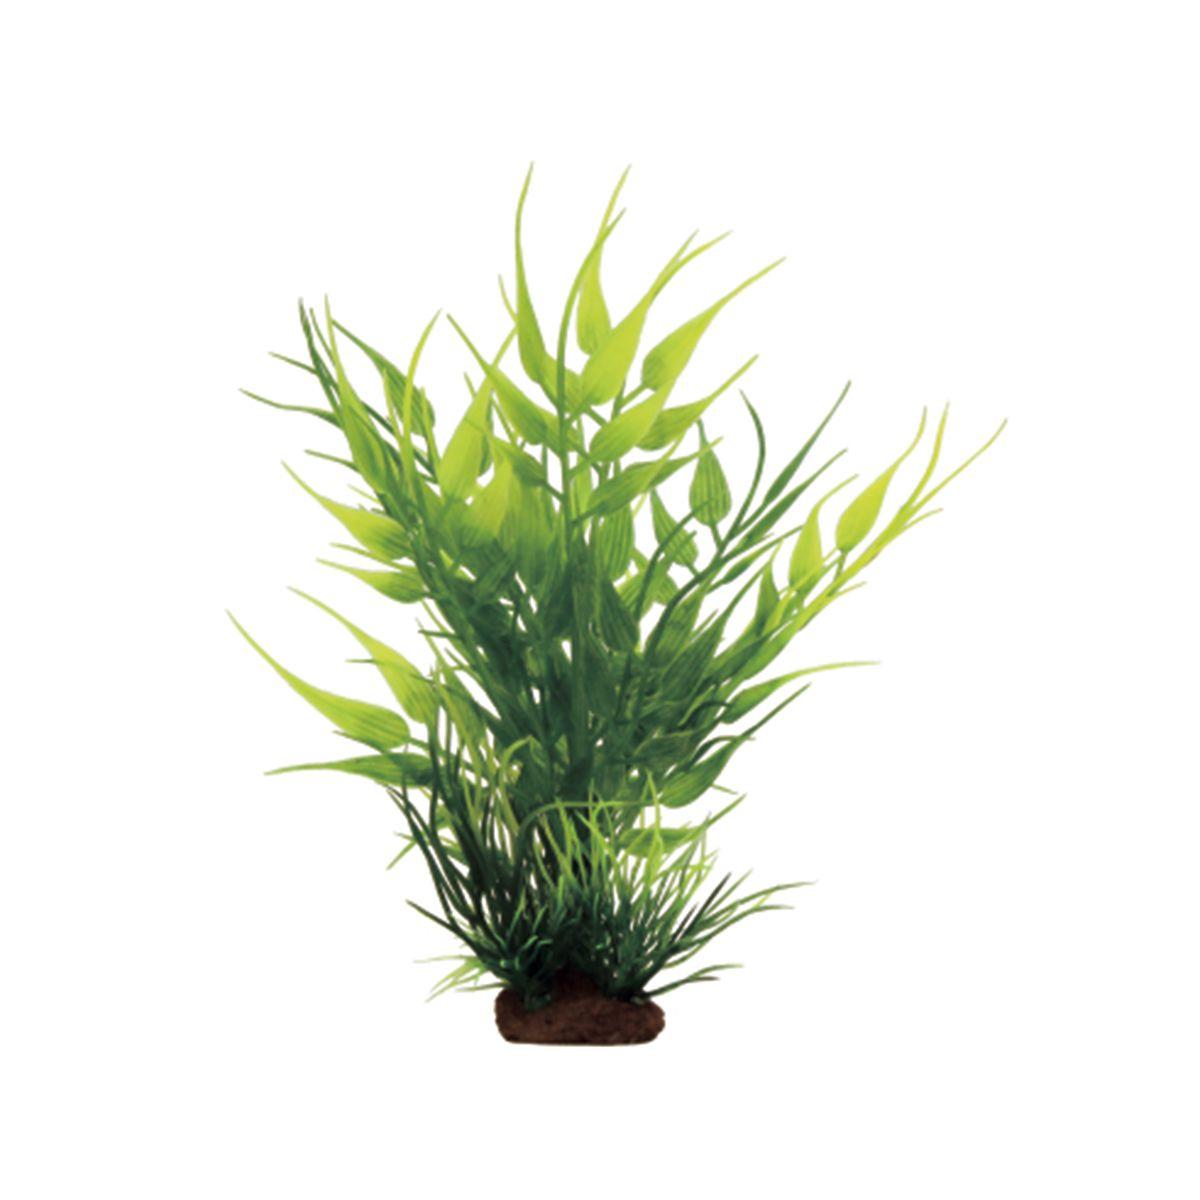 Растение для аквариума ArtUniq Бамбук, высота 10 см, 6 штART-1170531Растение для аквариума ArtUniq Бамбук, высота 10 см, 6 шт